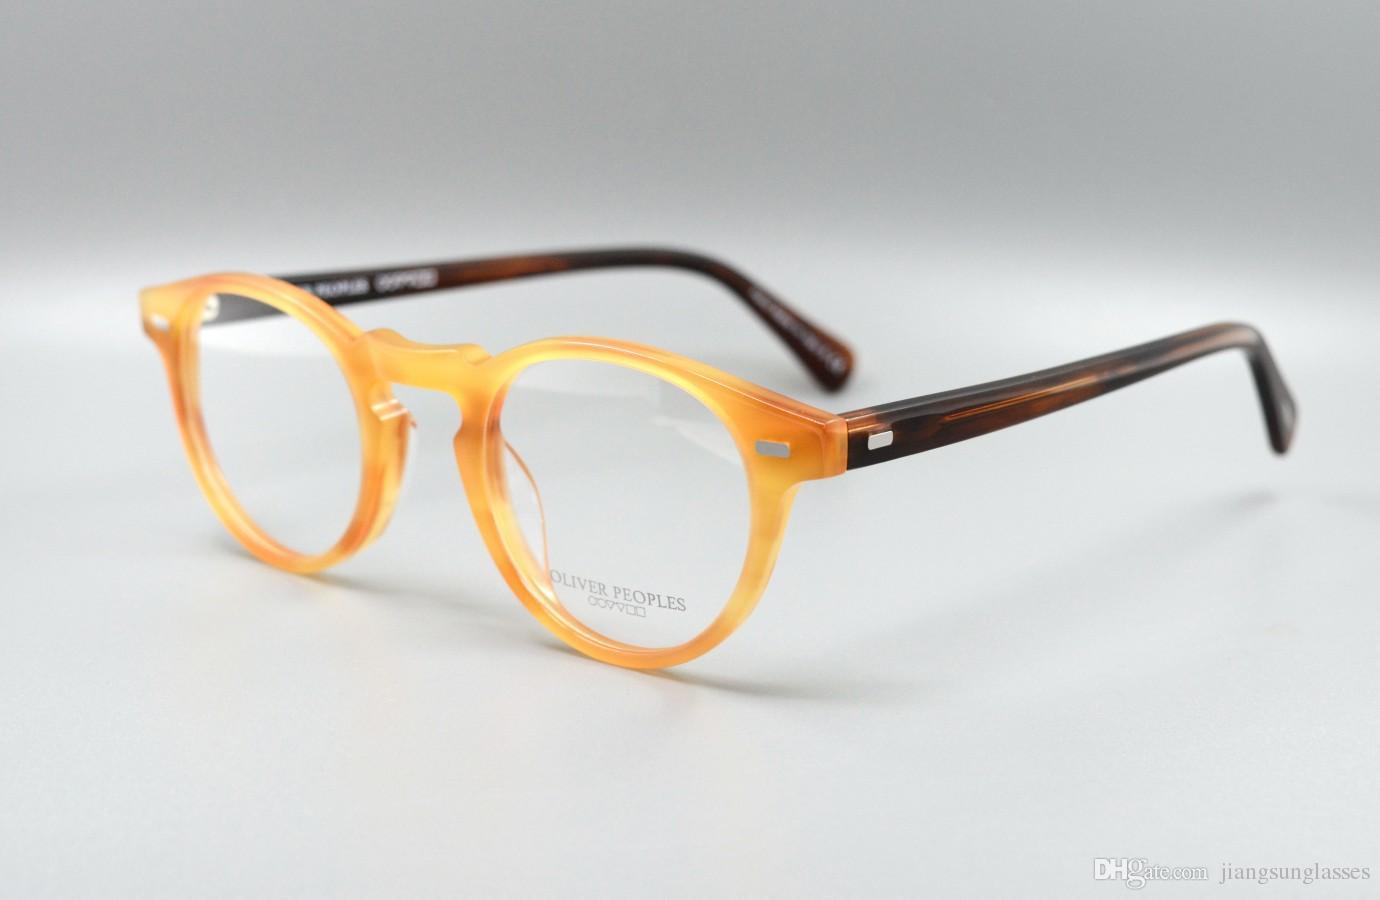 37bf158a3053 2019 New Designer Glasses Frame Clear Lenses Oliver Peoples Ov5186 Men  Brand Eyeglasses Frame For Men Fashion Frames Eyewear Frames With Case From  ...